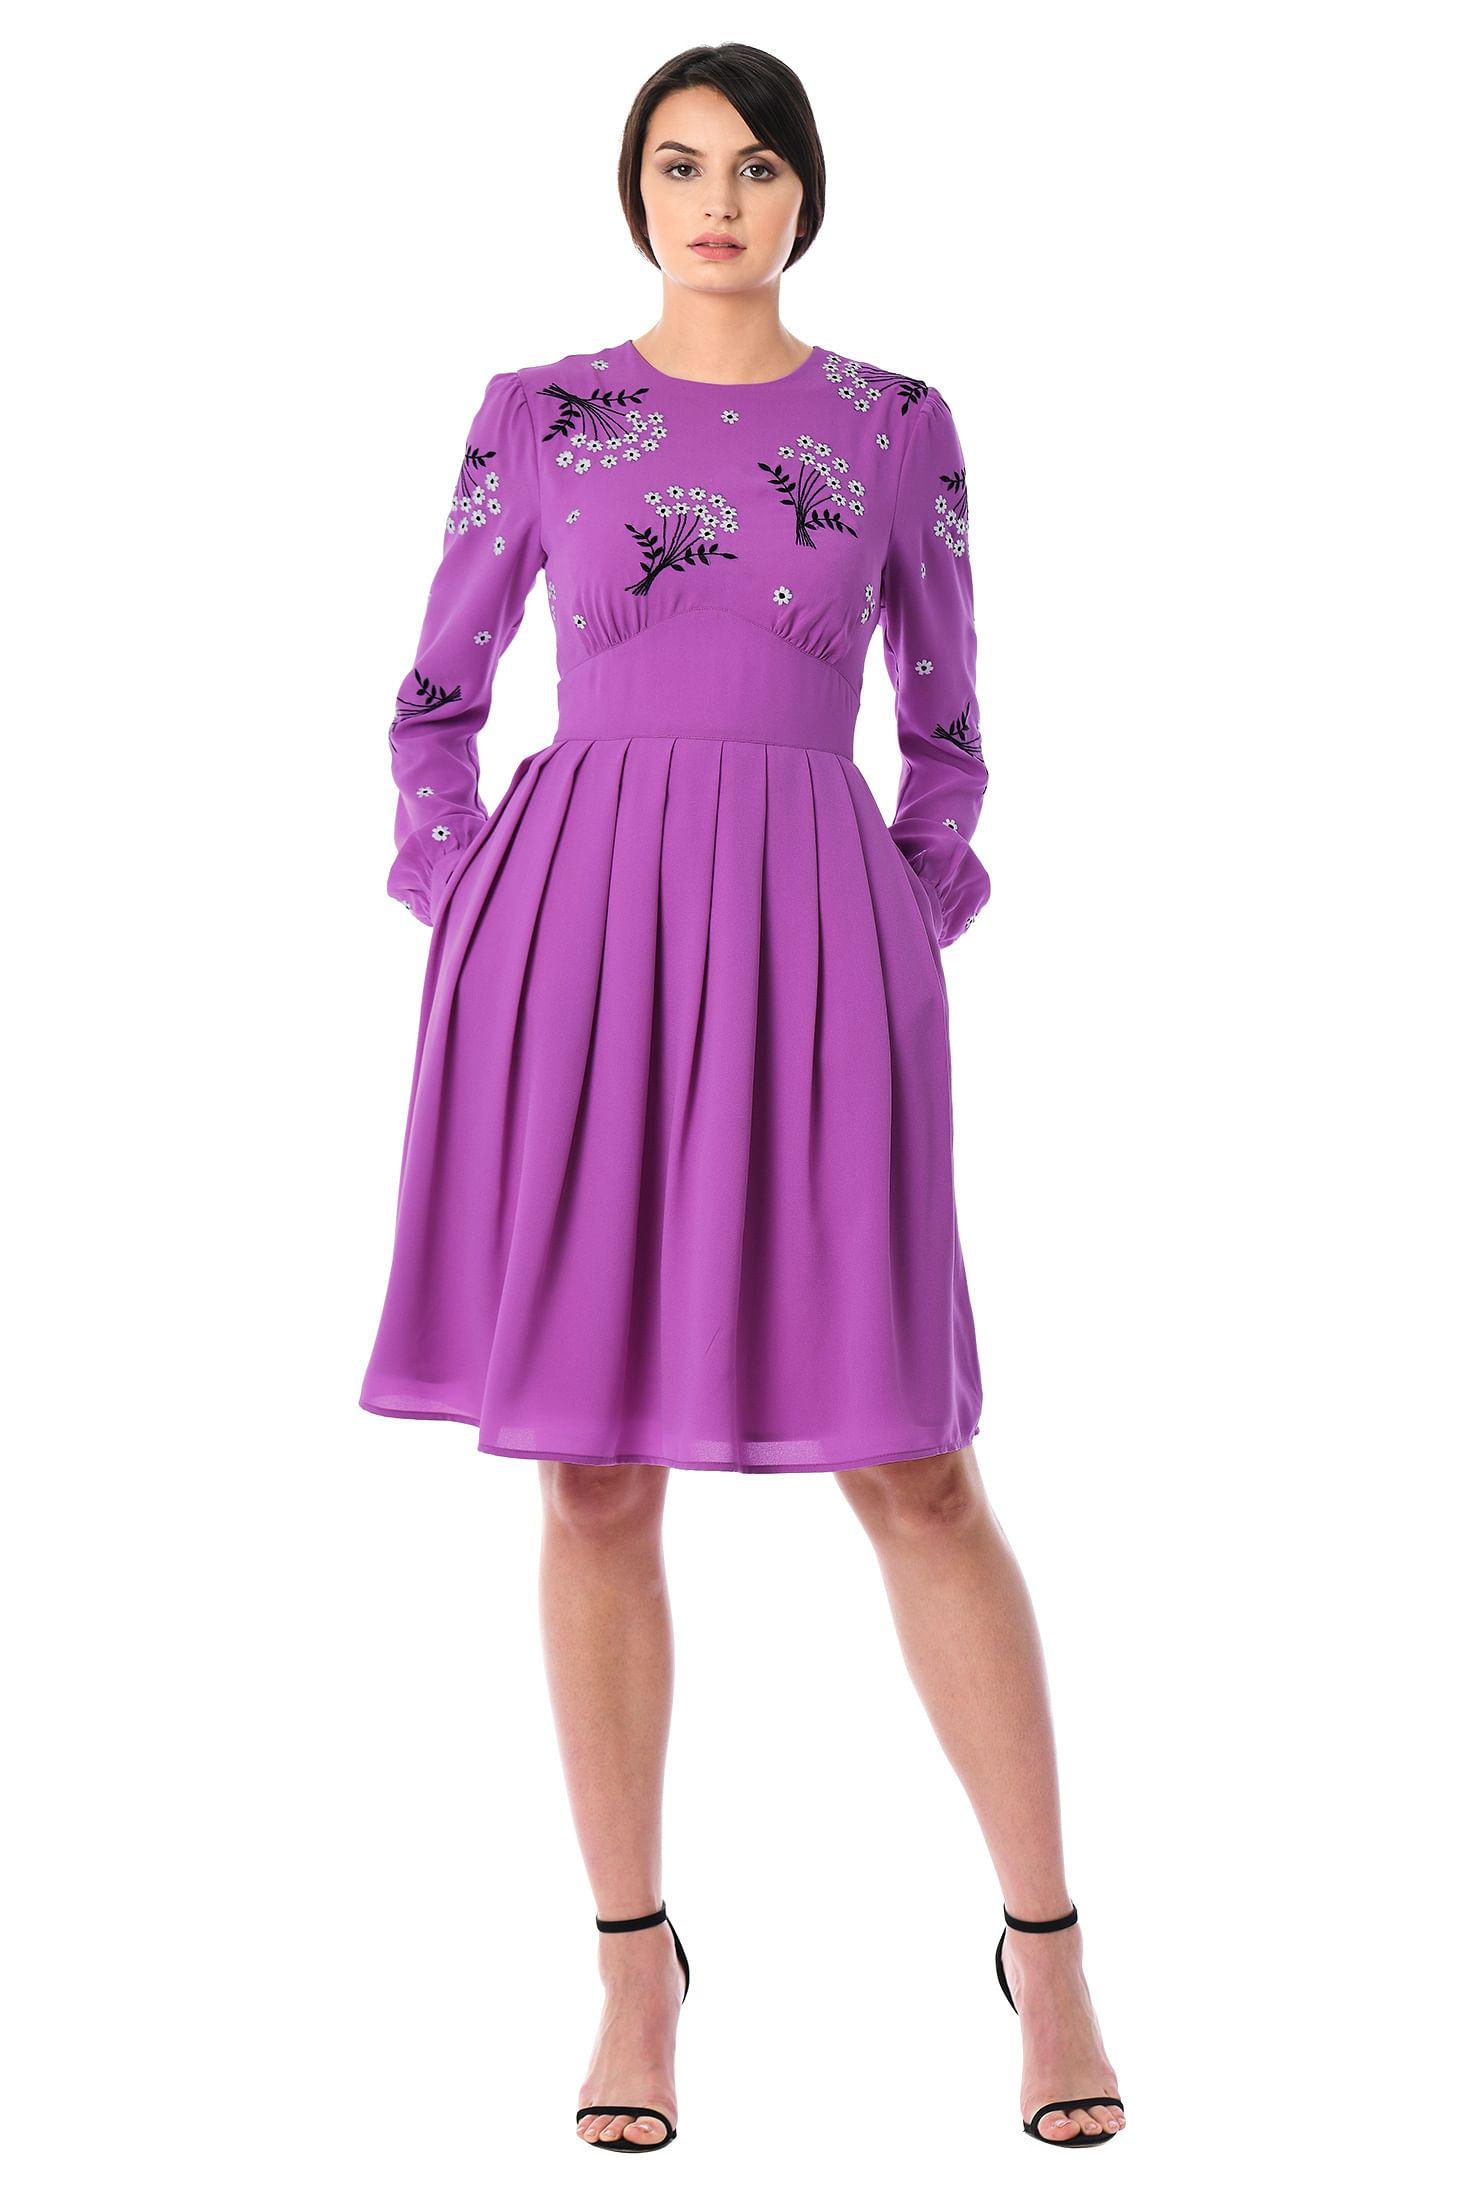 Empire Cut Dresses